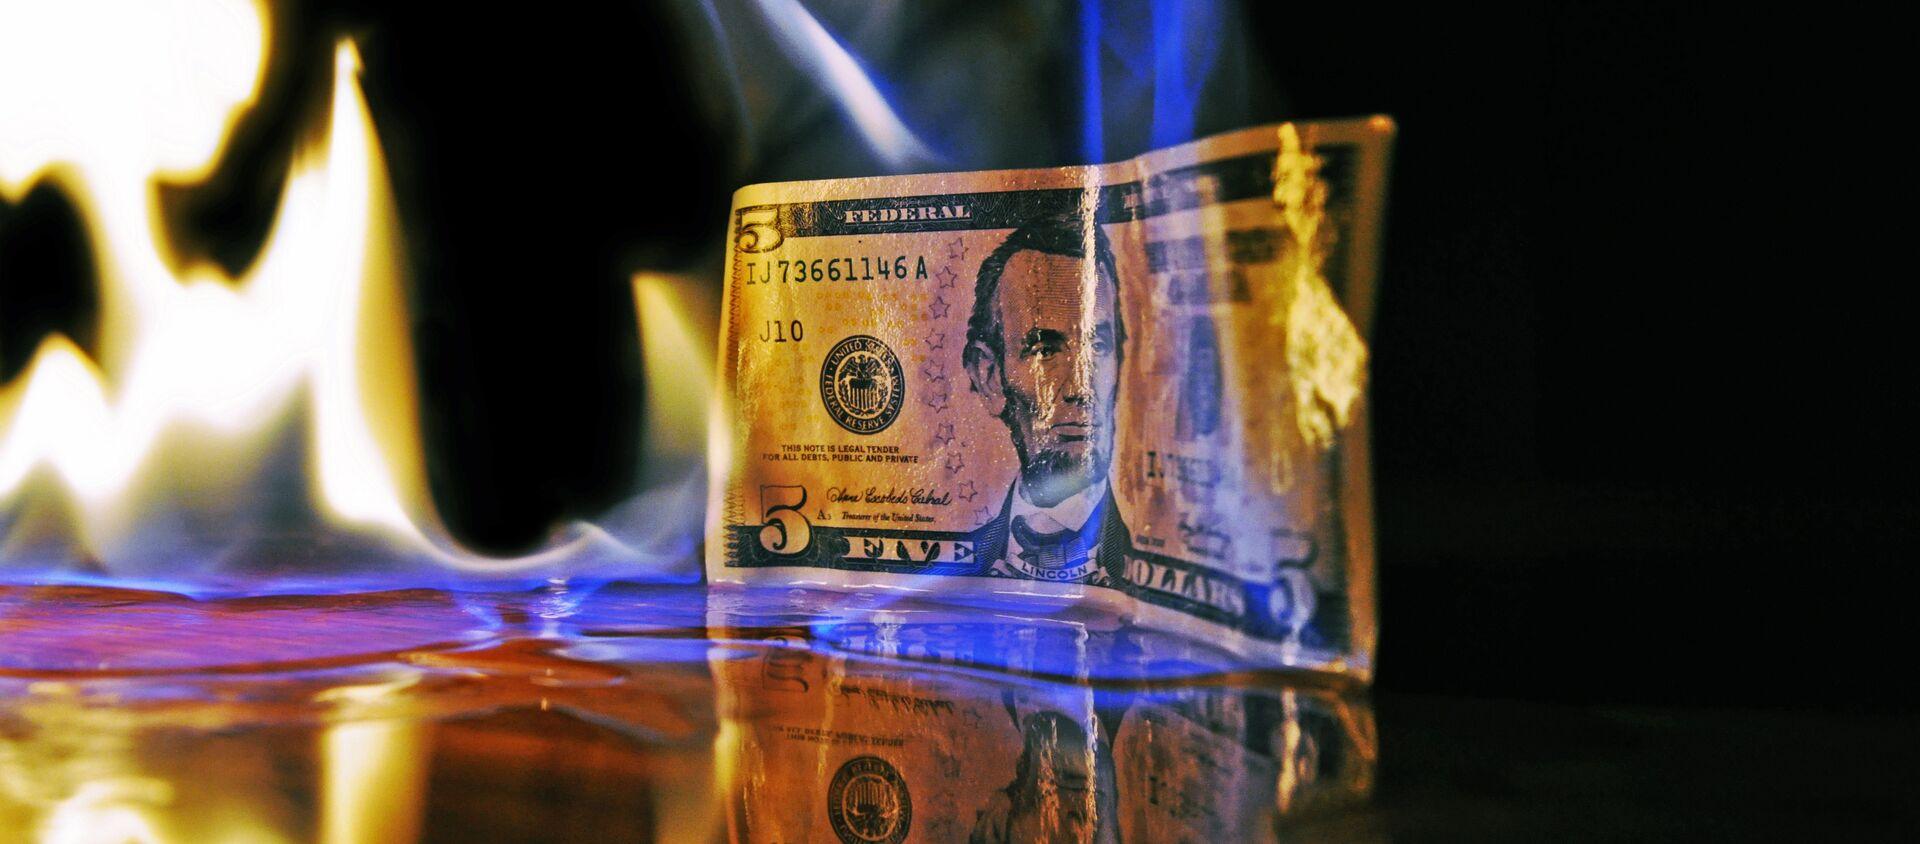 Un billete de dólar estadounidense en llamas - Sputnik Mundo, 1920, 20.01.2021